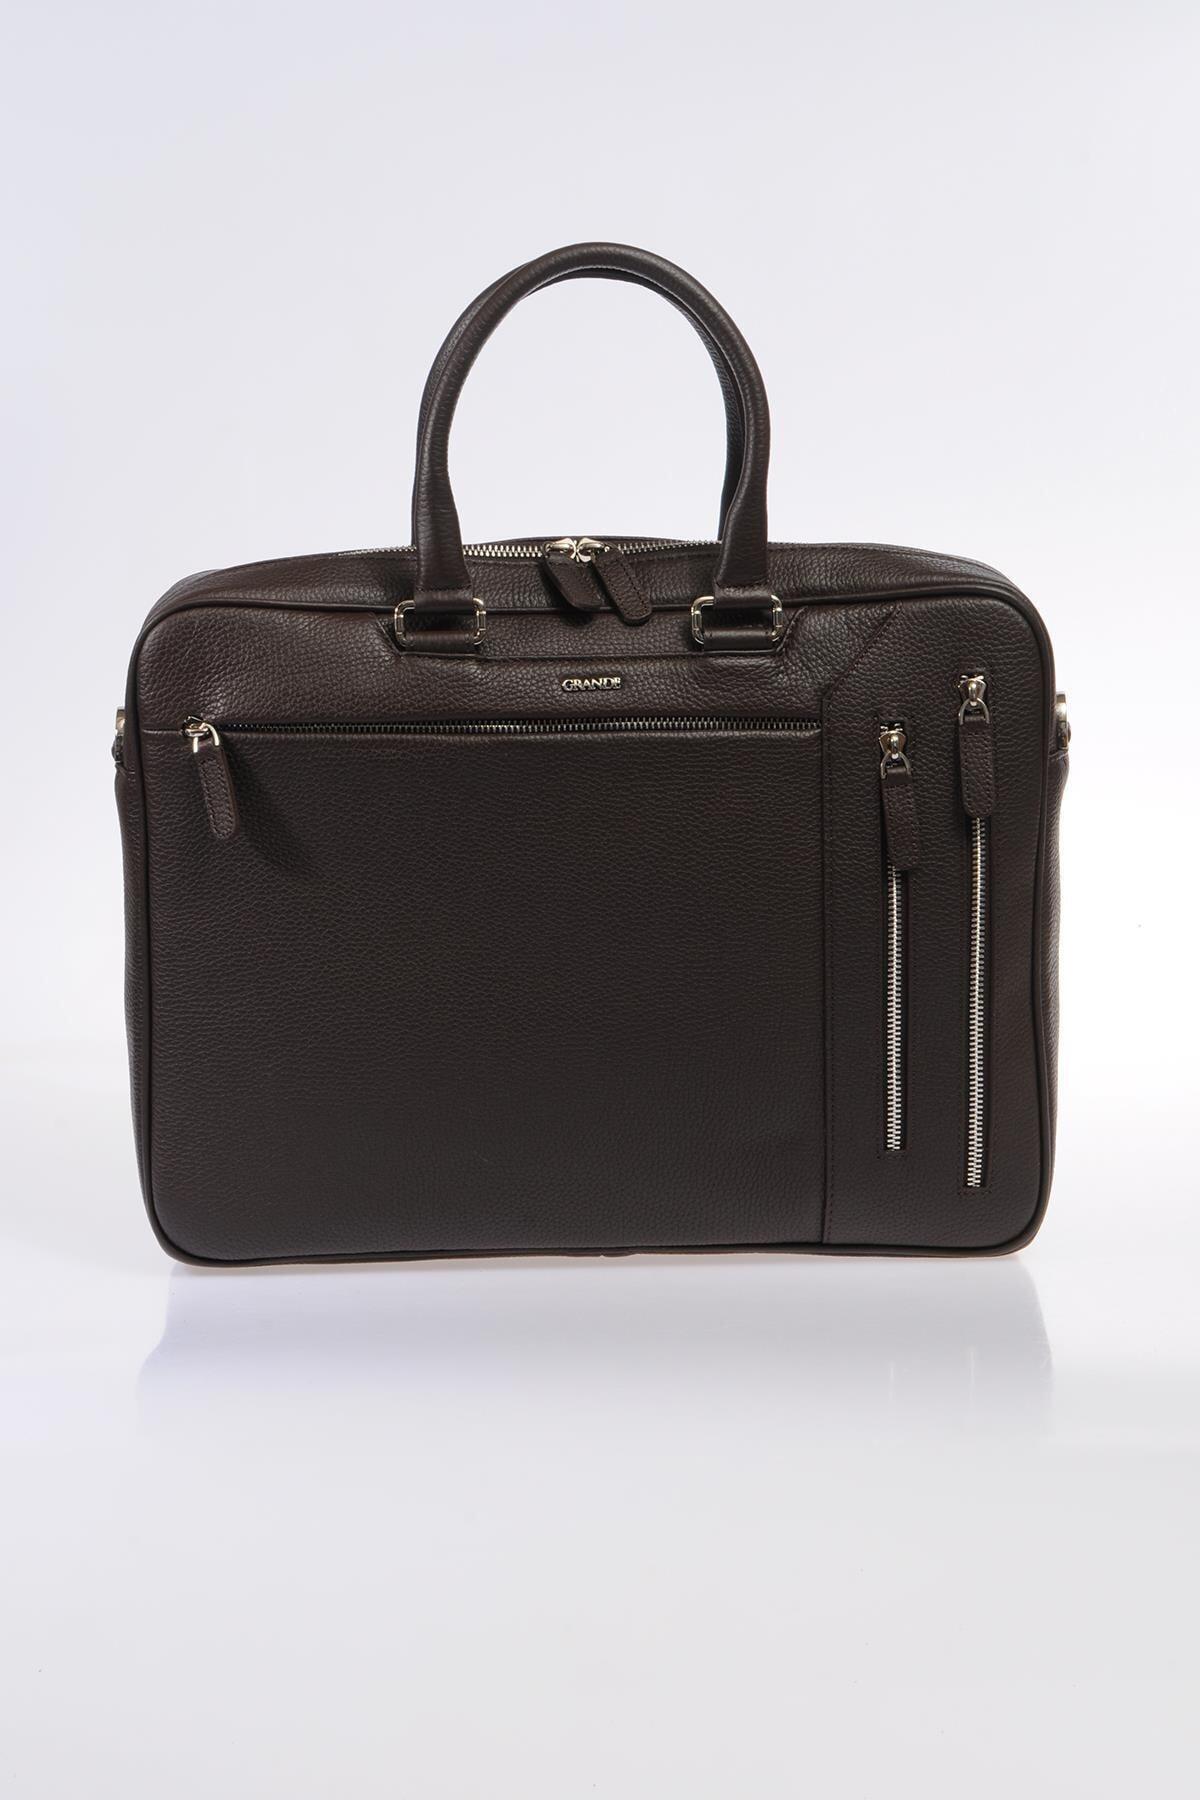 Grande Kahverengi Unisex Laptop & Evrak Çantası 8690027123633 1